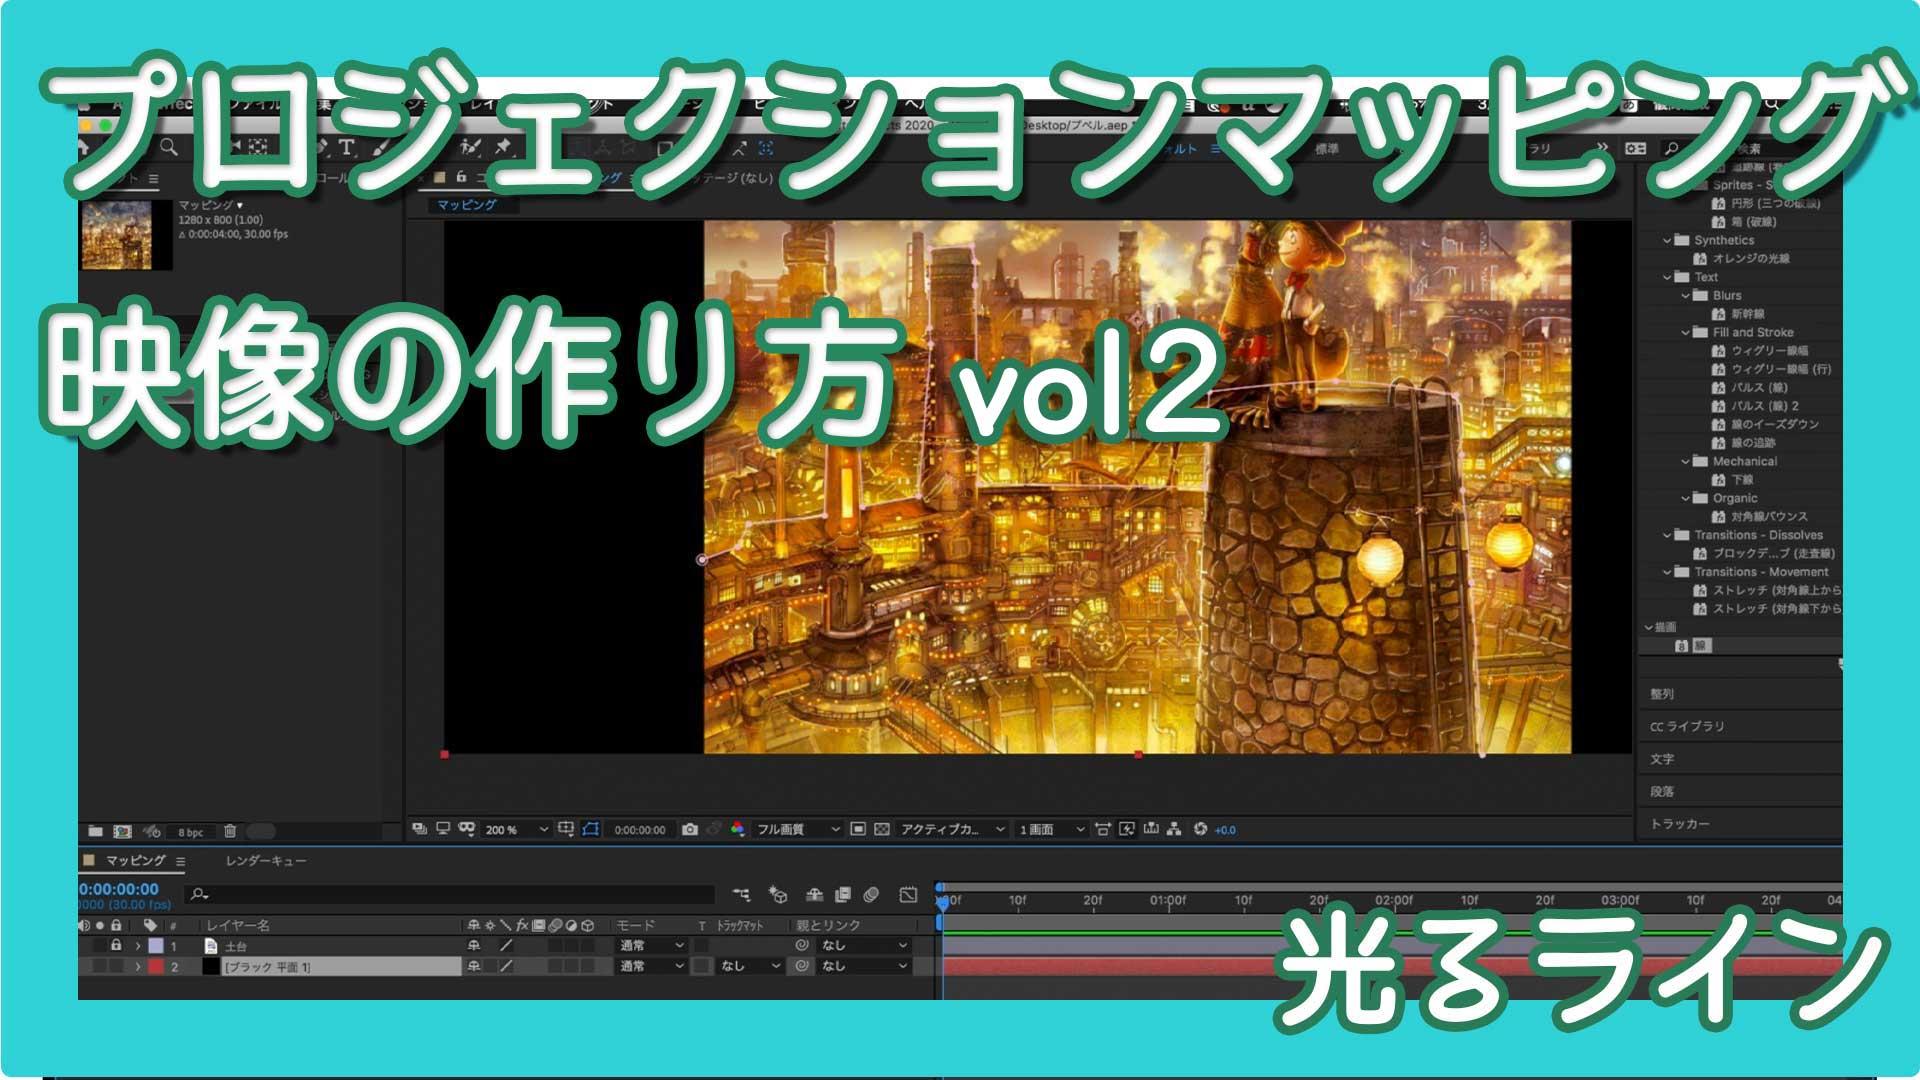 プロジェクションマッピング 映像の作り方 ライン2